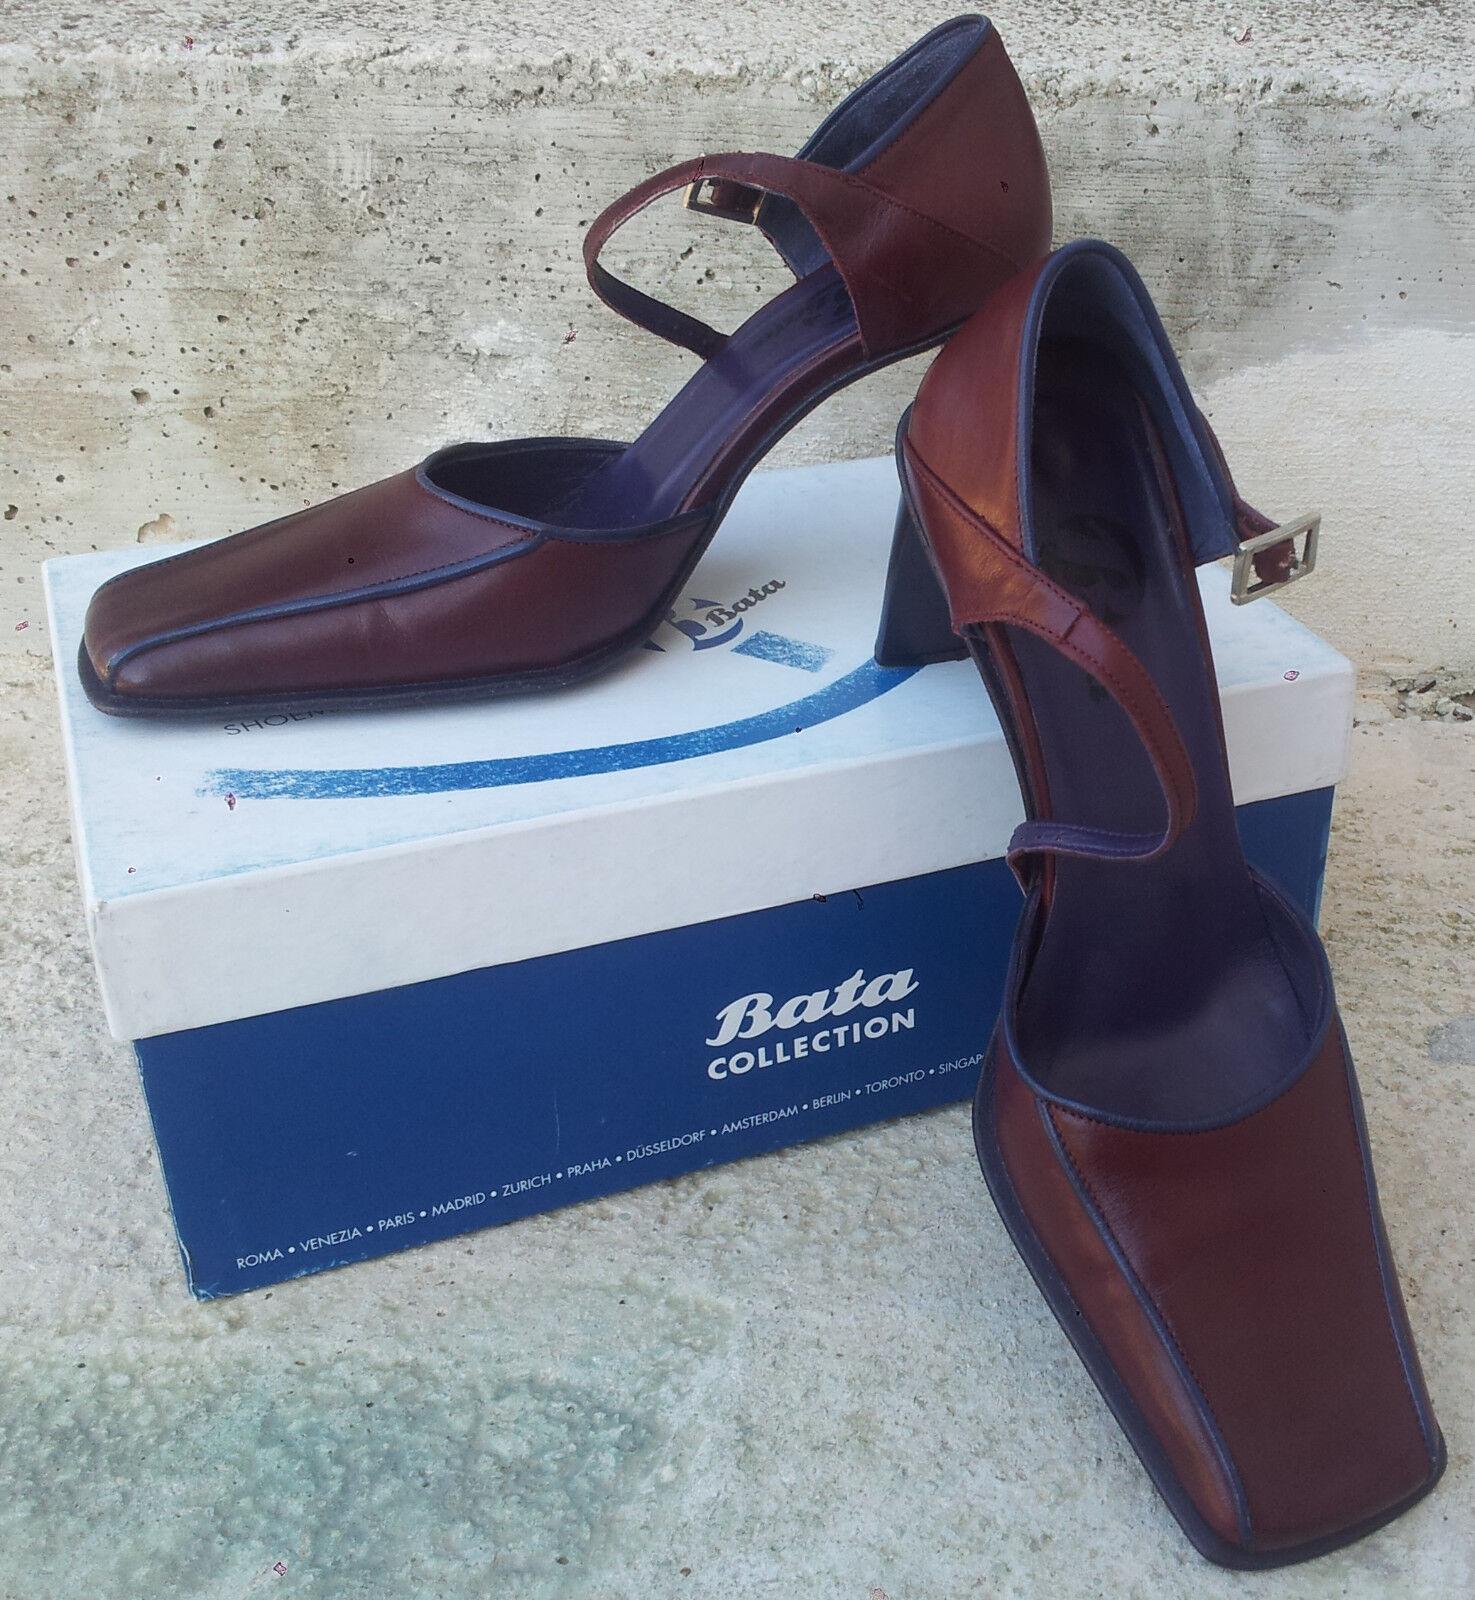 Sandali/scarpe estate donna Bata colore Rosso/Bordeaux<wbr/>. Misura 36